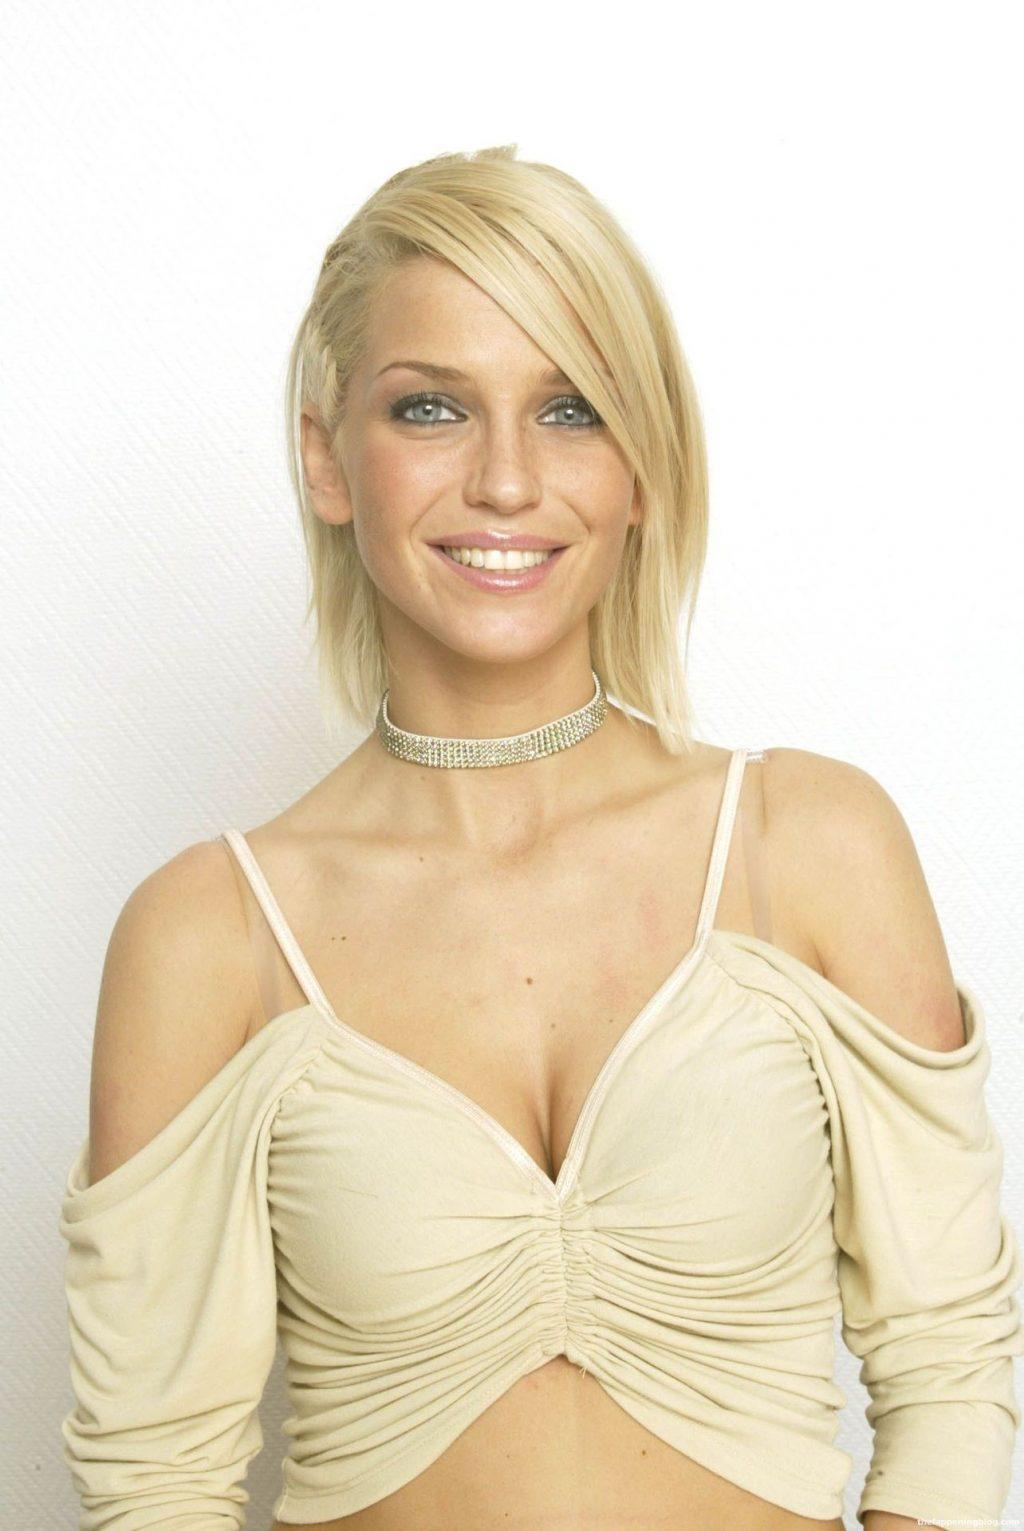 Sarah Harding Sexy Collection (33 Photos)